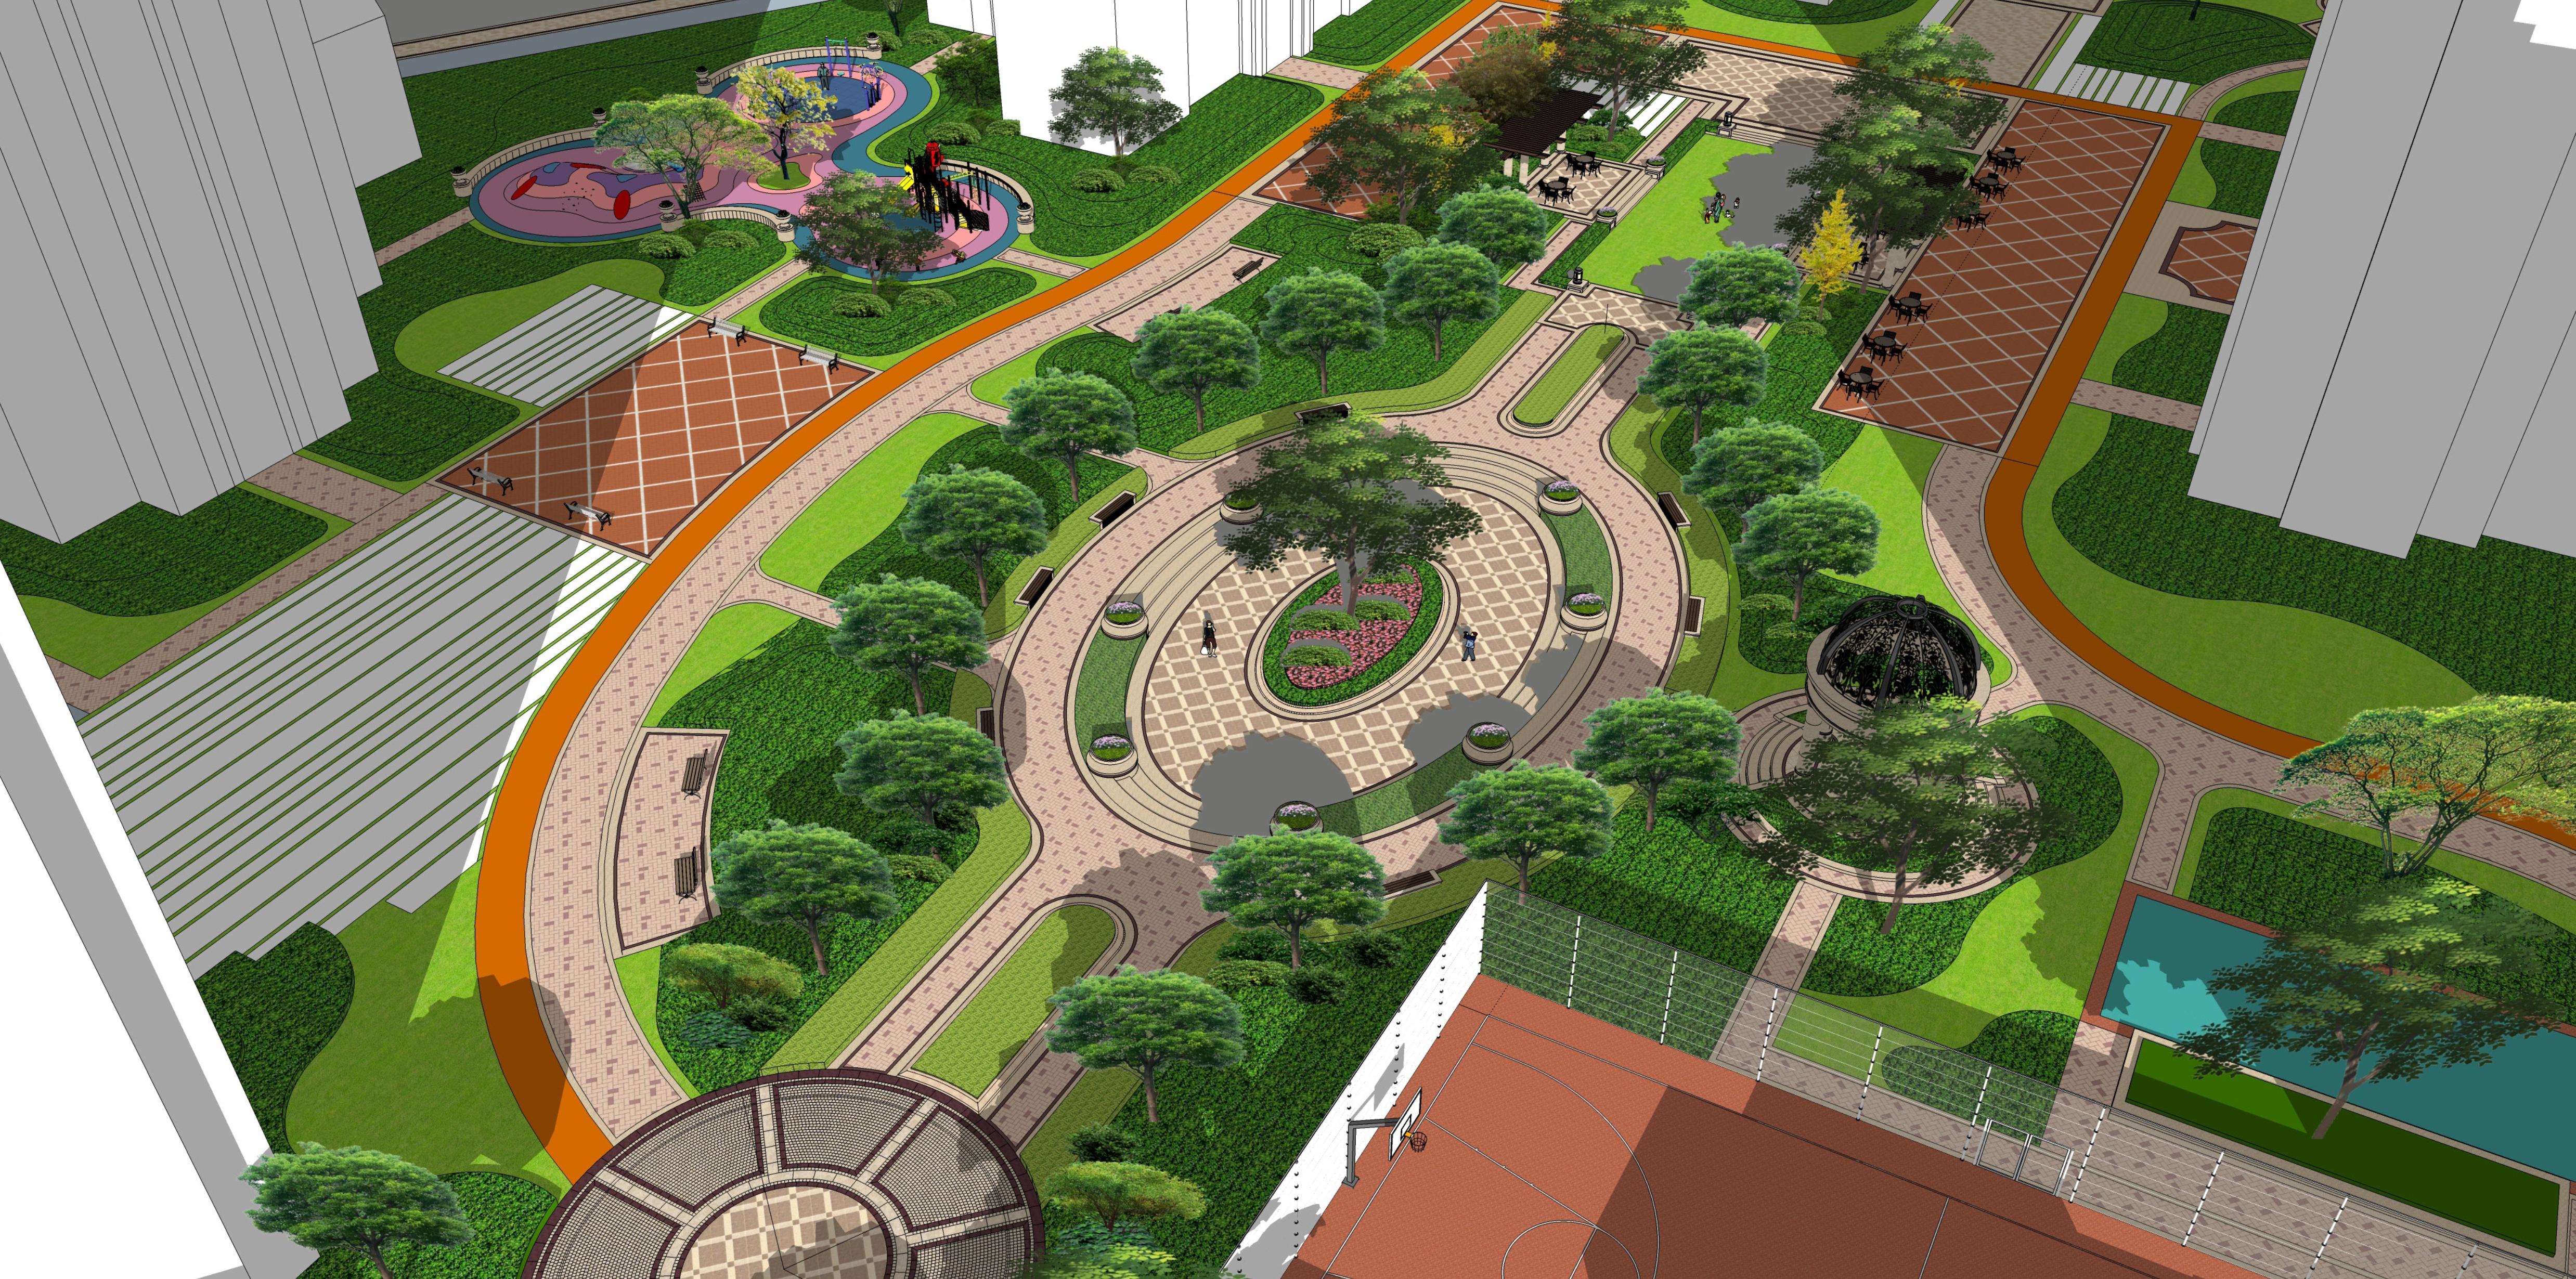 惠州半岛1号居住区景观设计